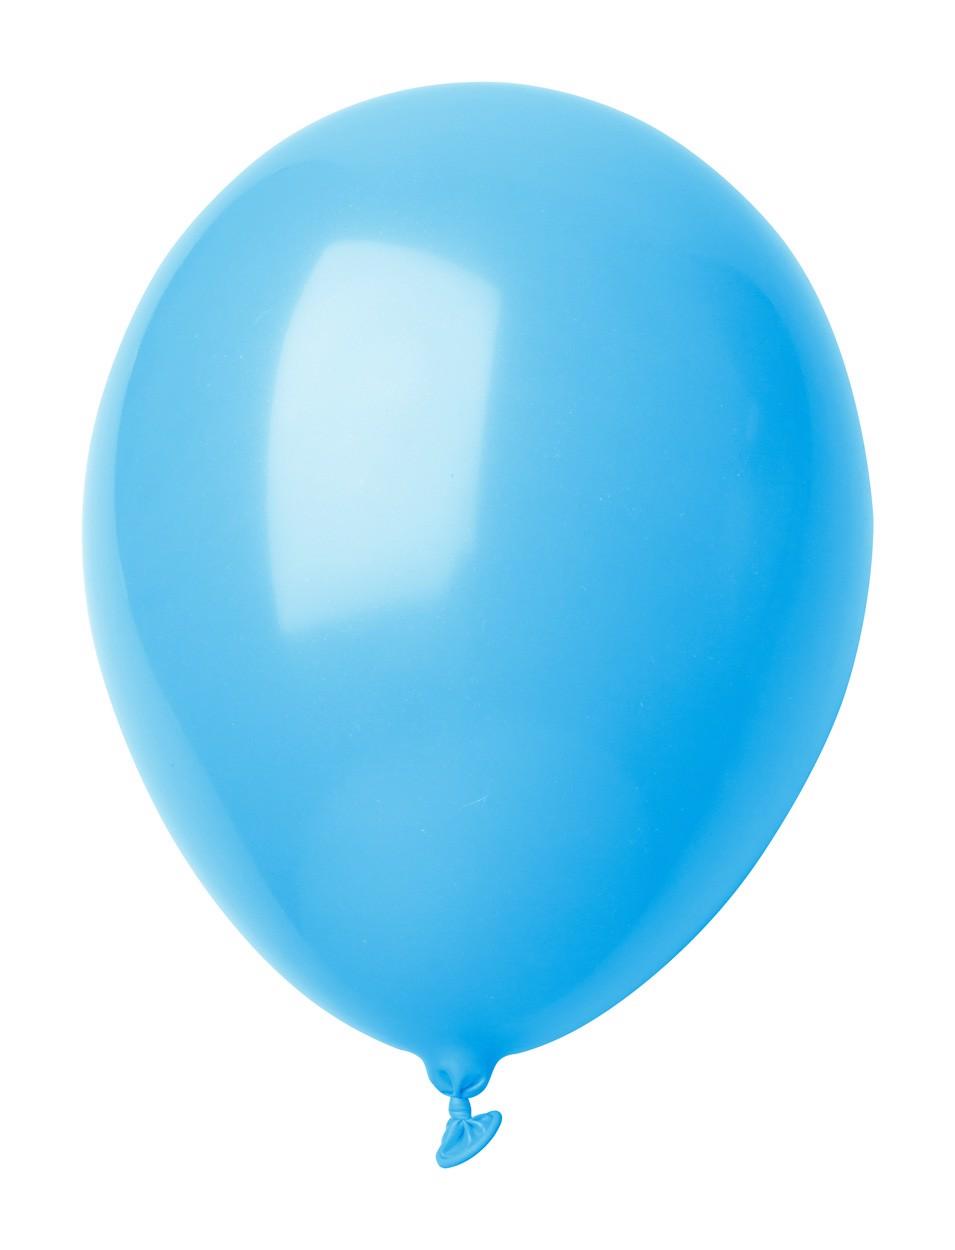 Balonky V Pastelových Barvách CreaBalloon - Světle Modrá